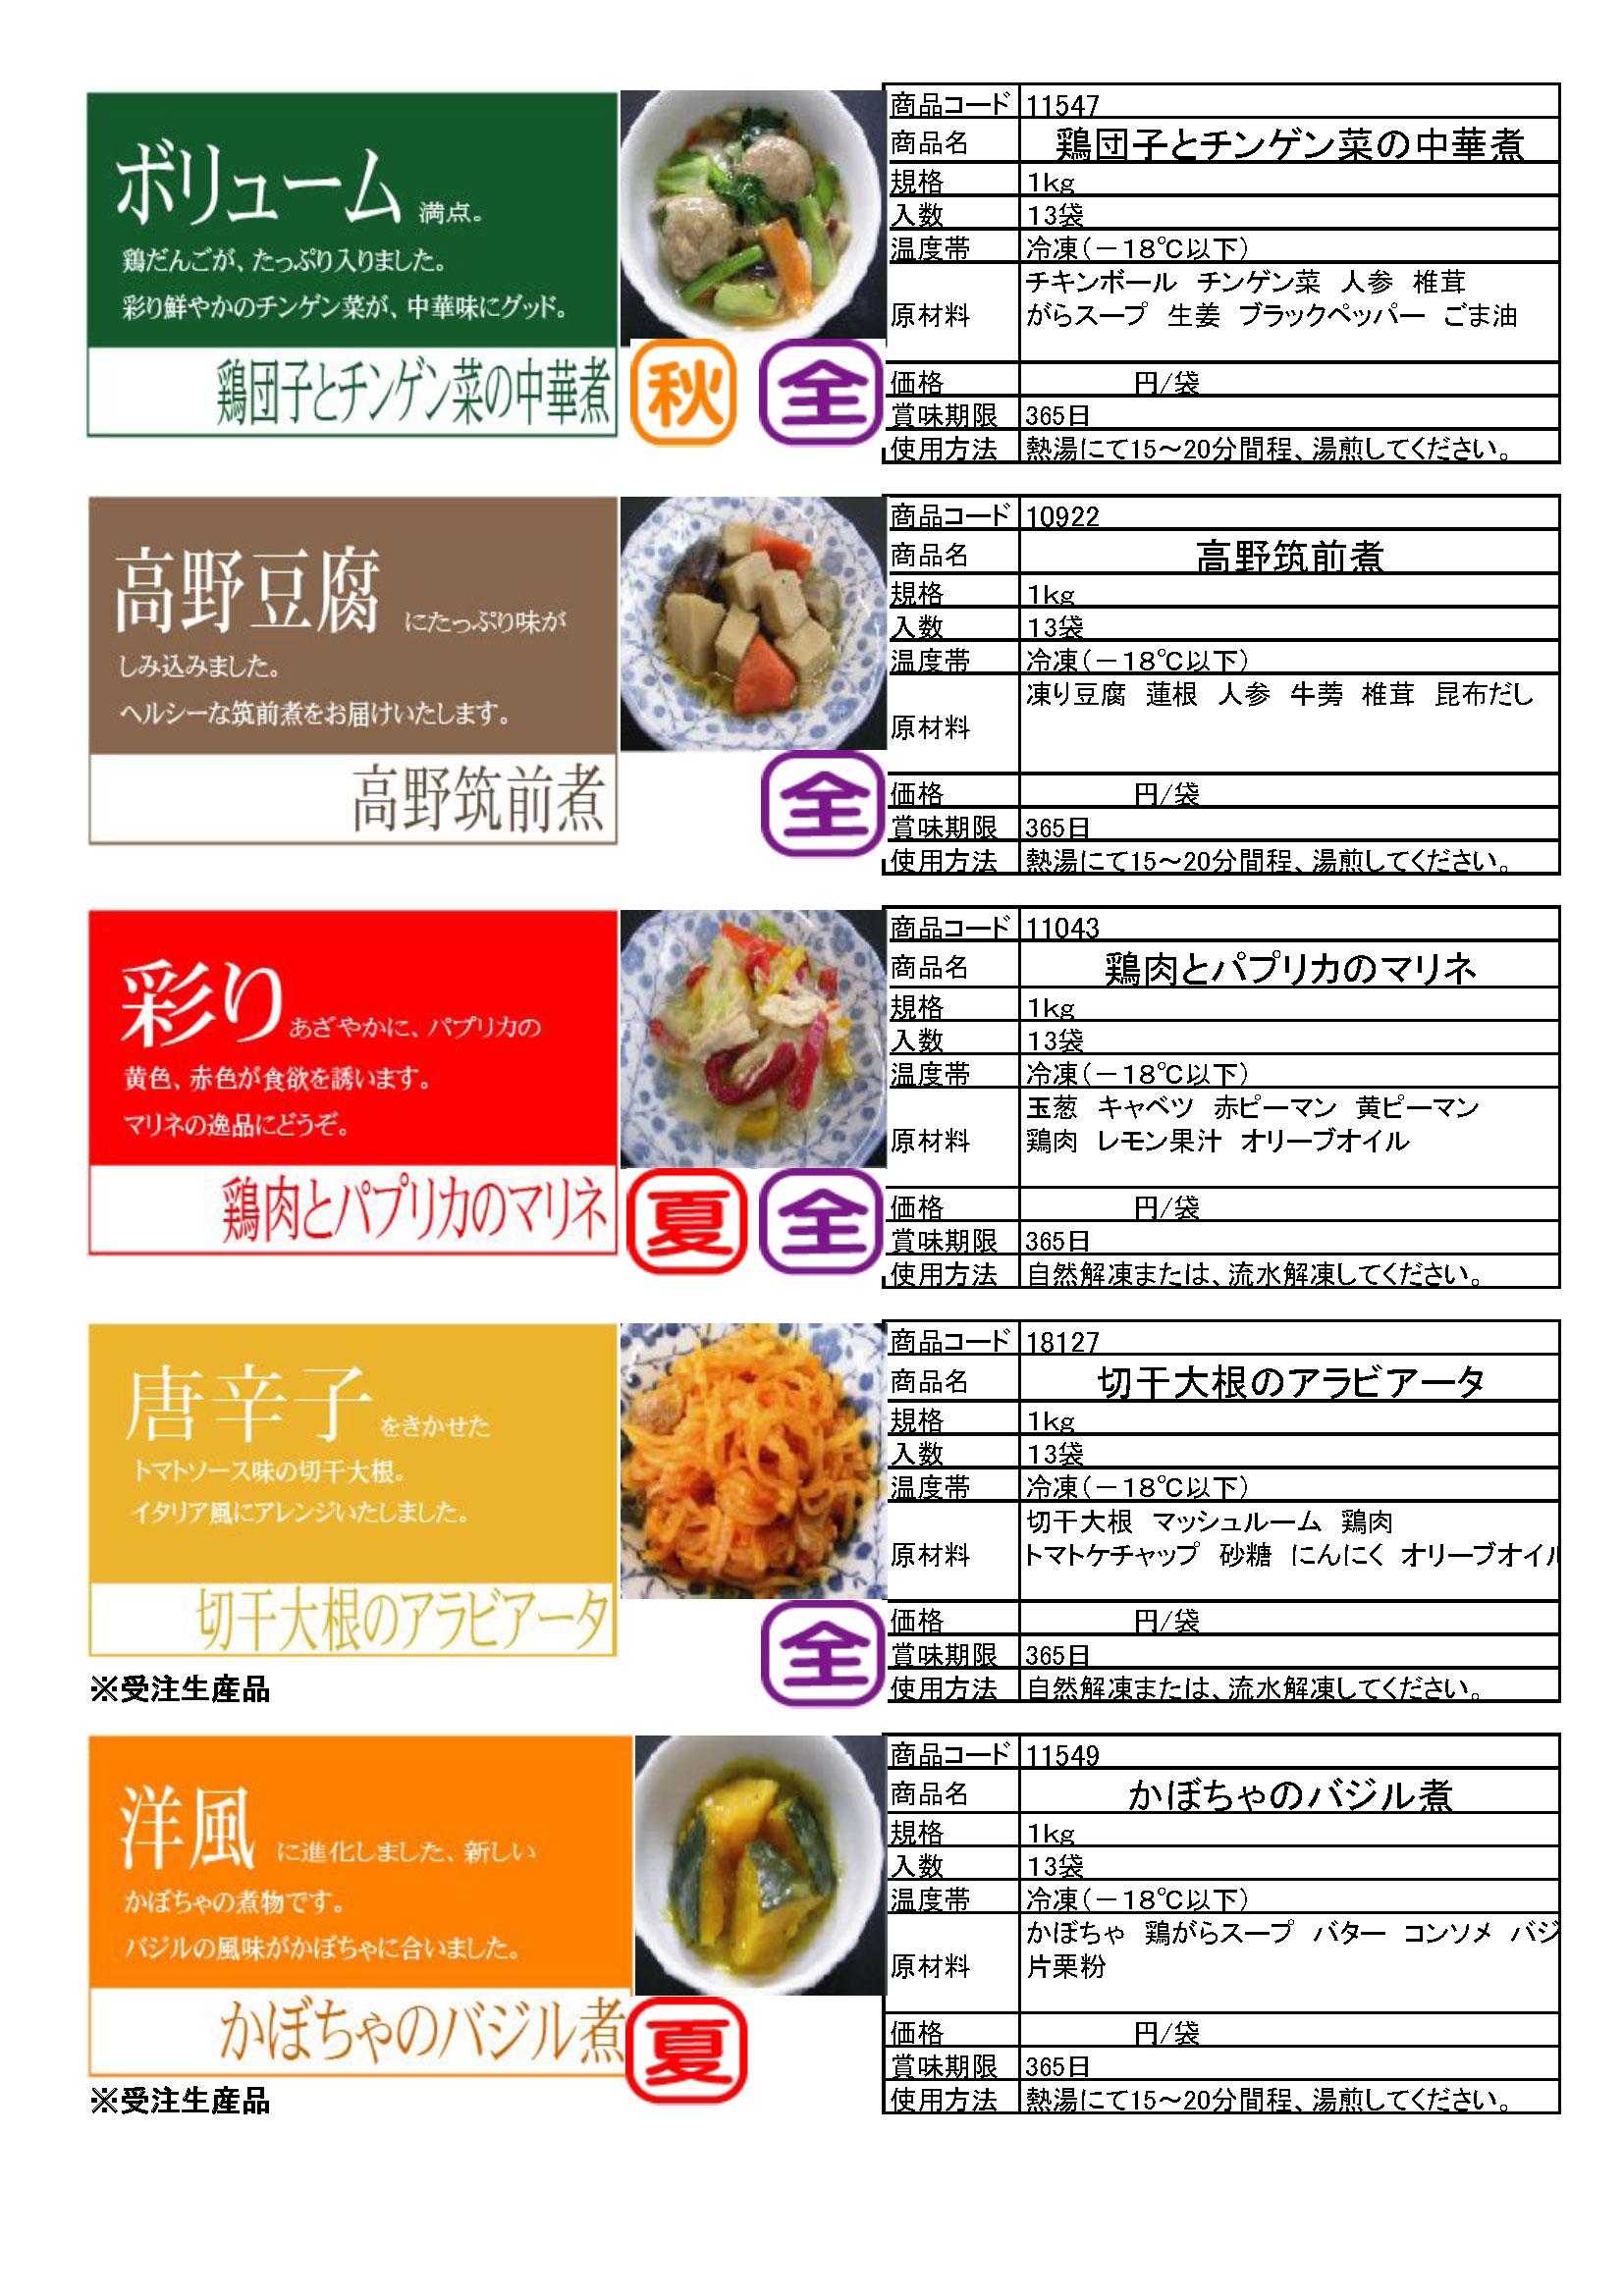 6.鶏団子とチンゲン菜の中華煮・高野筑前煮・鶏肉とパプリカのマリネ・切干大根のアラビアータ・かぼちゃのバジル煮